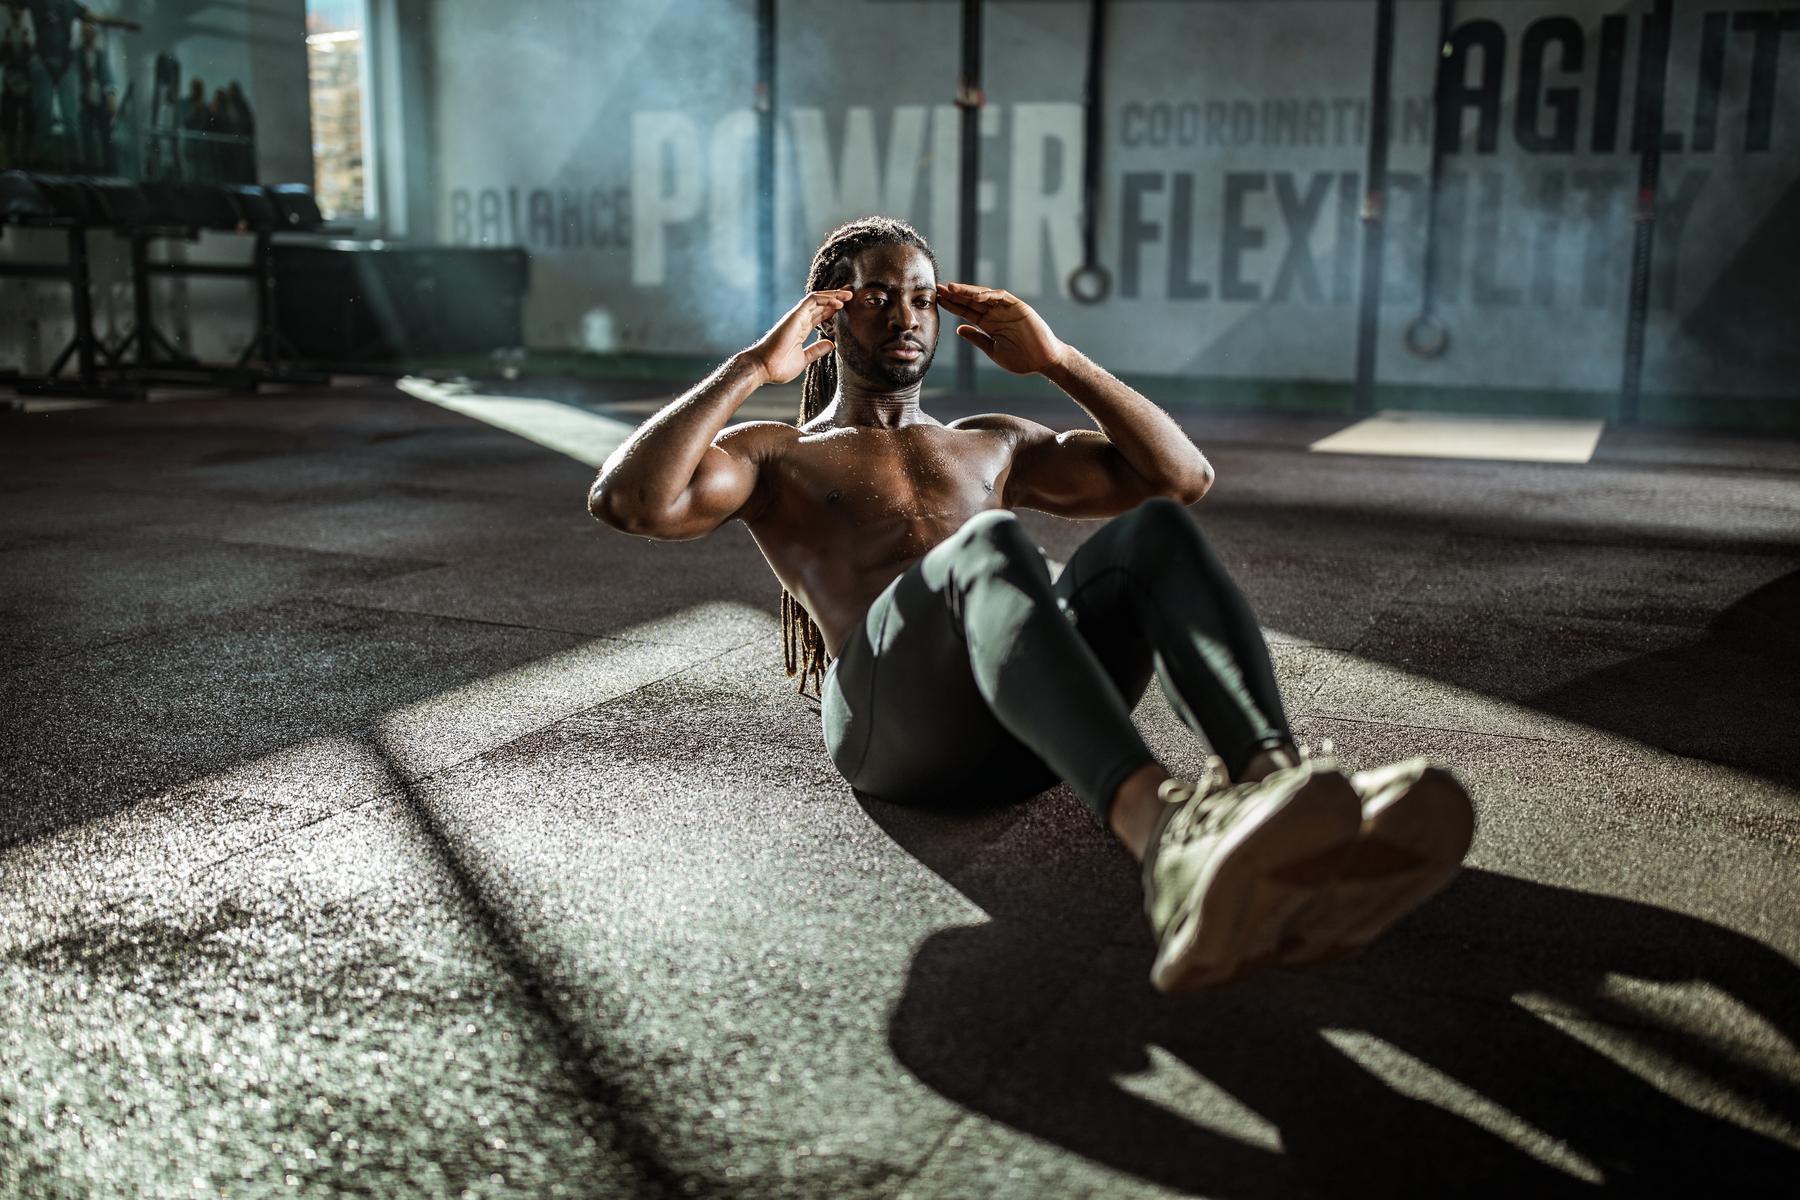 Bauchmuskel-Workouts für zu Hause: Der ultimative Guide